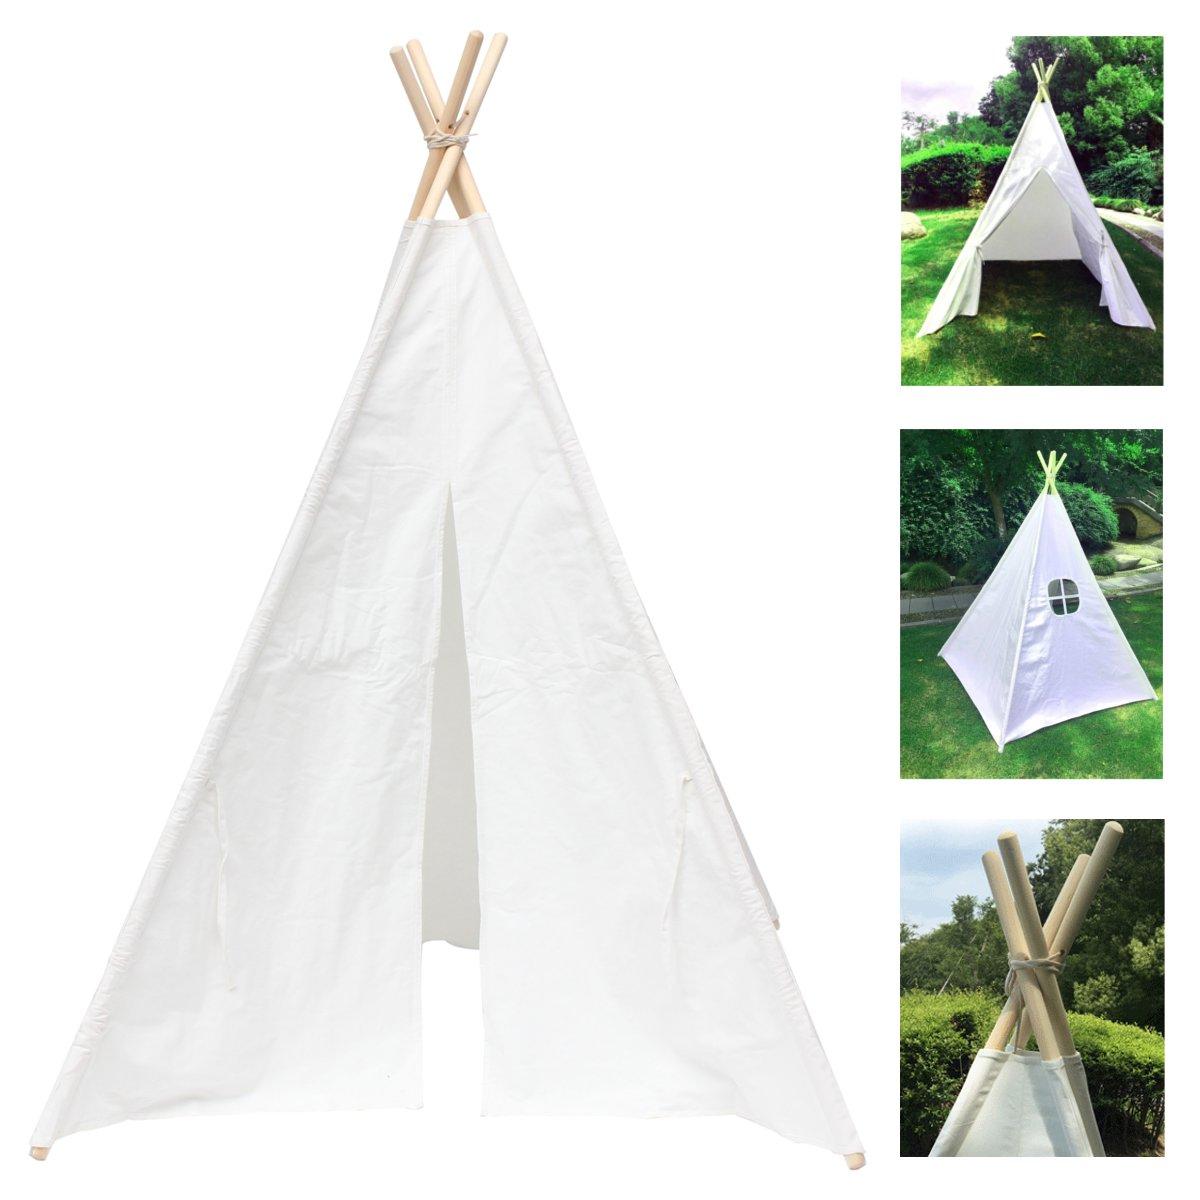 Grande toile blanche non blanchie enfant tipi Portable pliante en plein air tente de château indien Triangle tente enfants maison jeu jouet tente